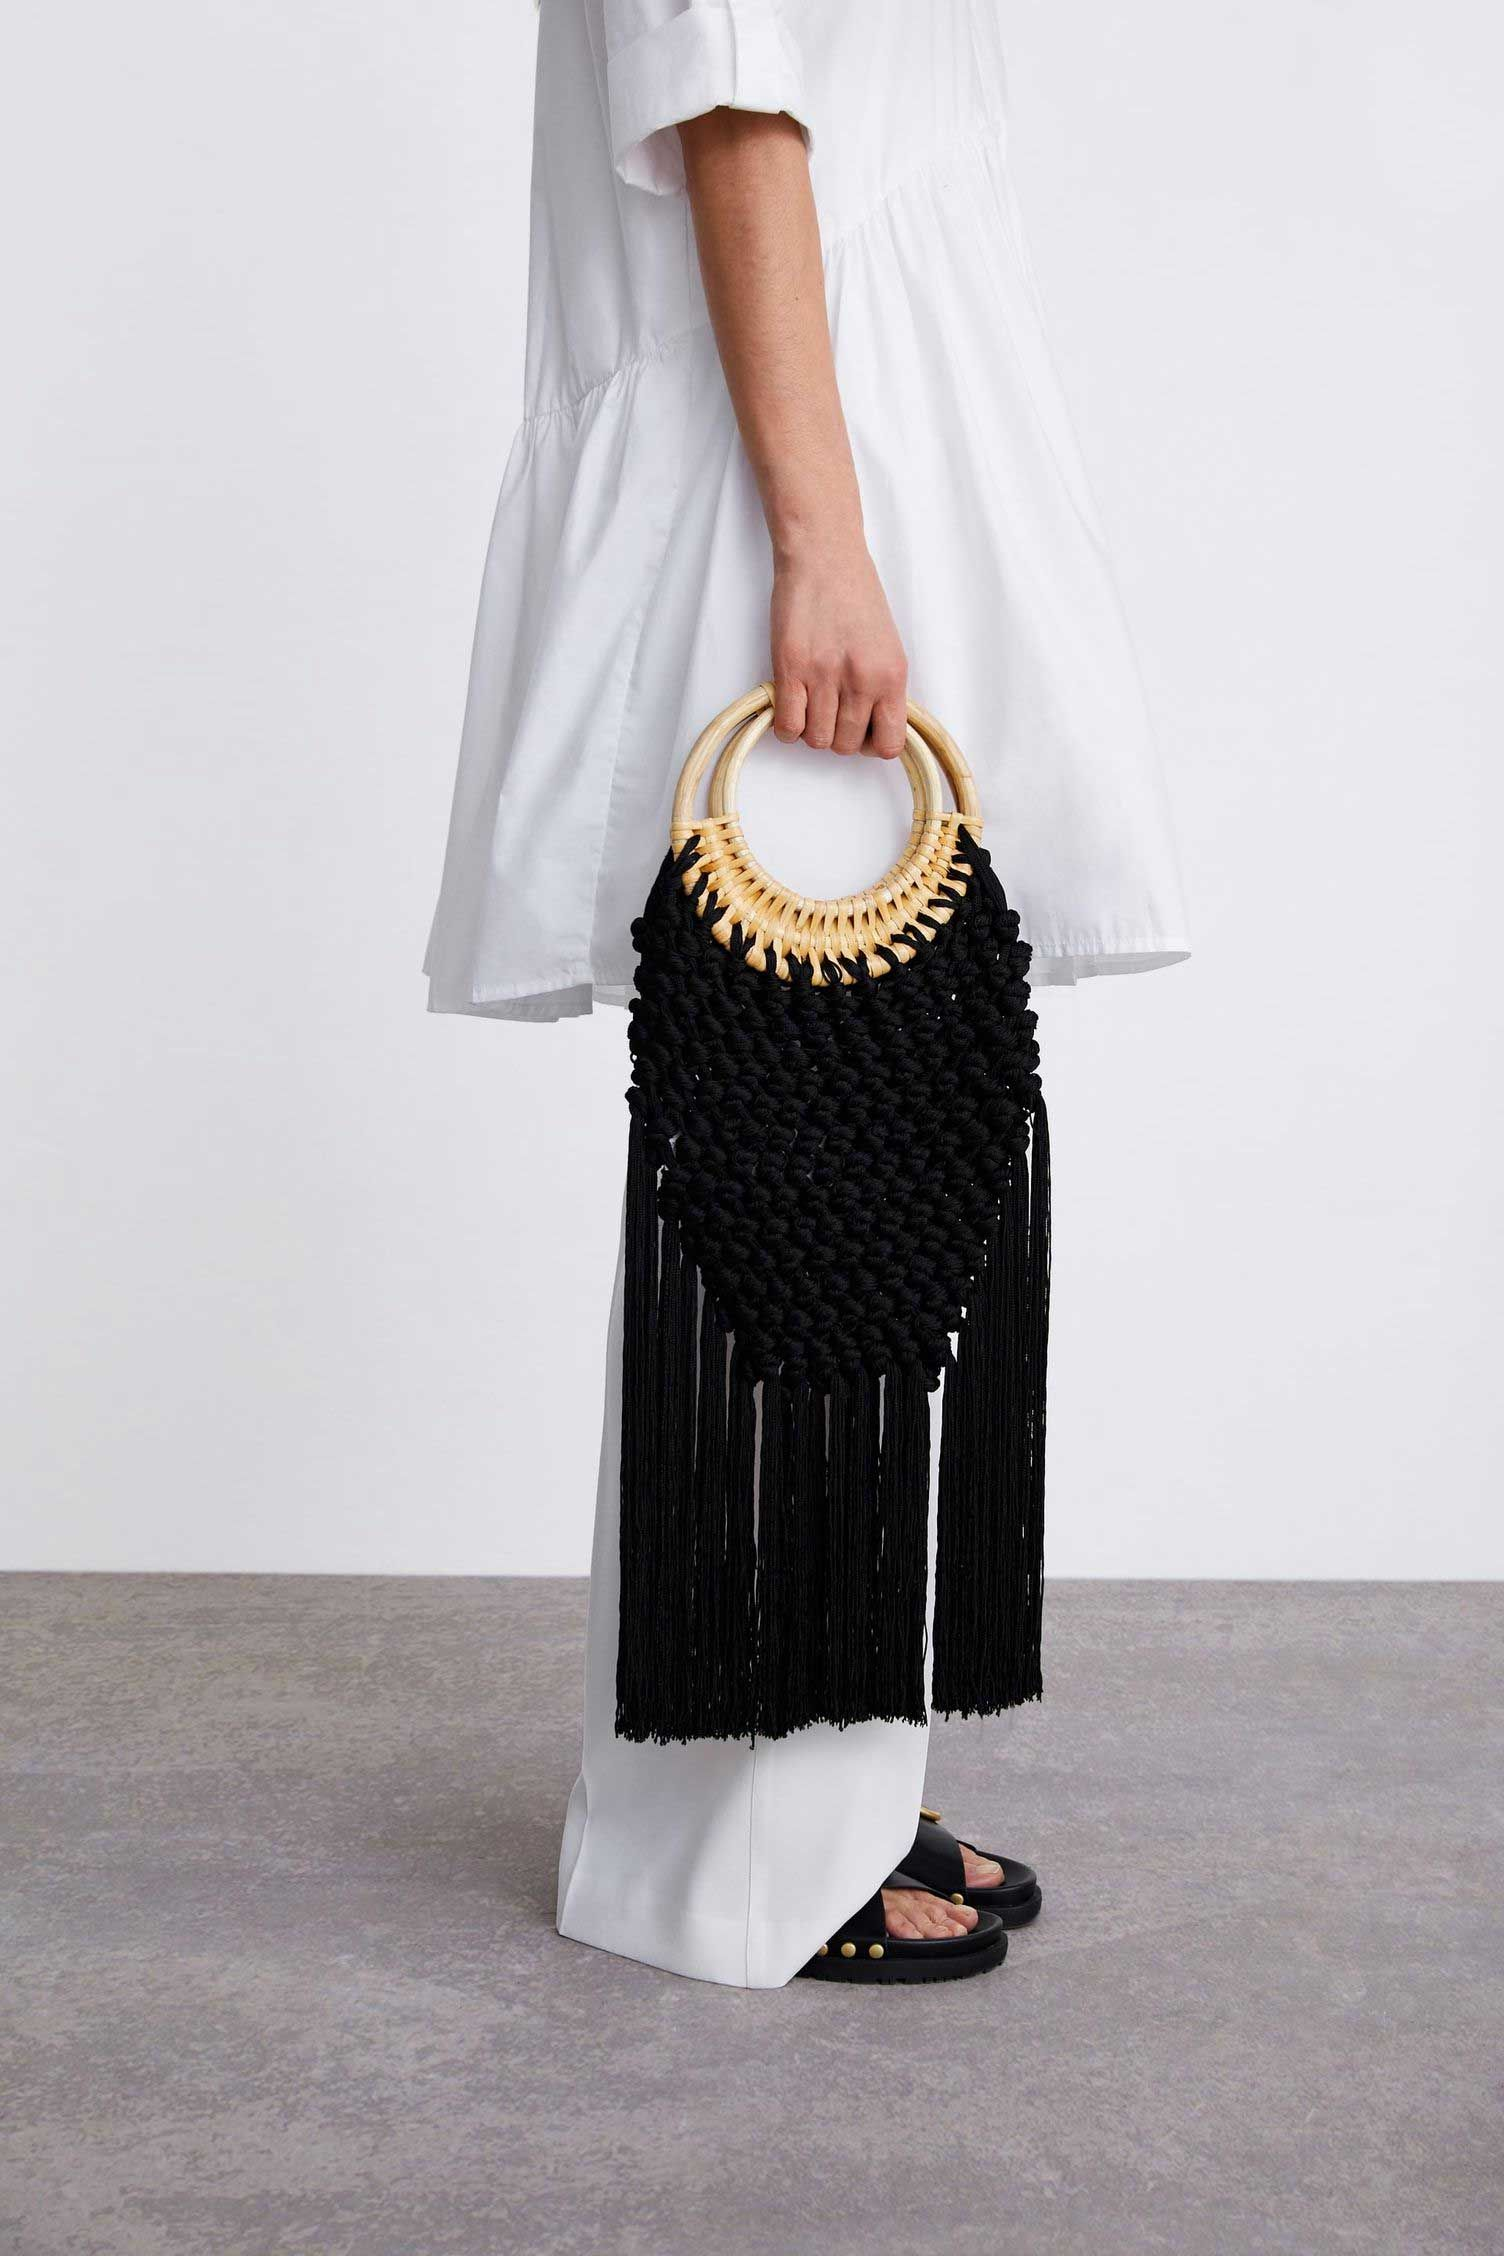 6d9351c58 10 bolsos de tendencia que comprar en Zara antes de que se agoten